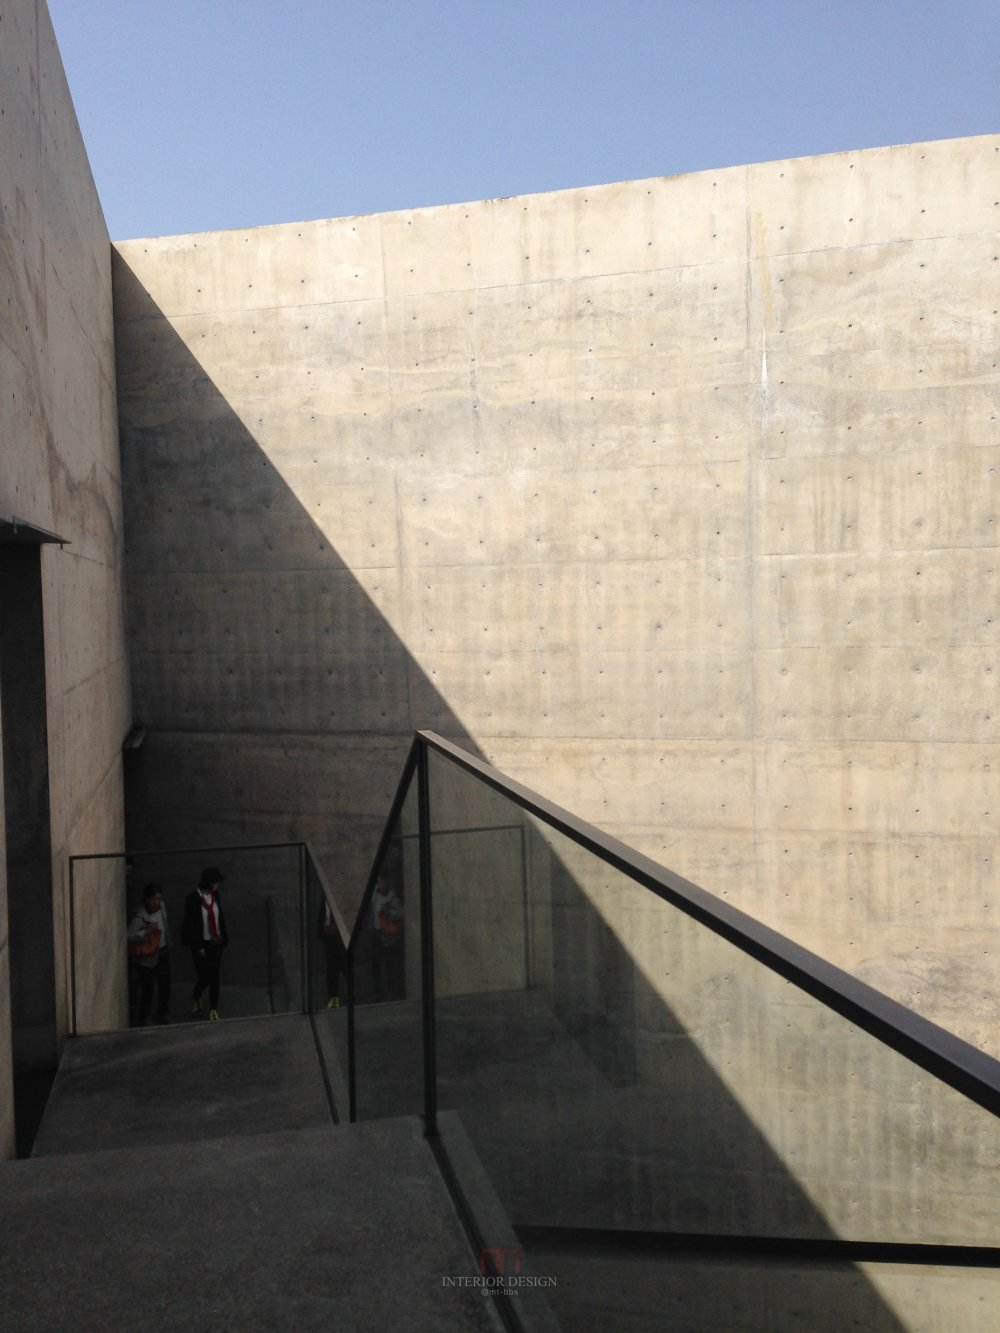 #伙伴一起看日本#  日本设计考察分享(更新美秀美术馆)_IMG_5416.JPG